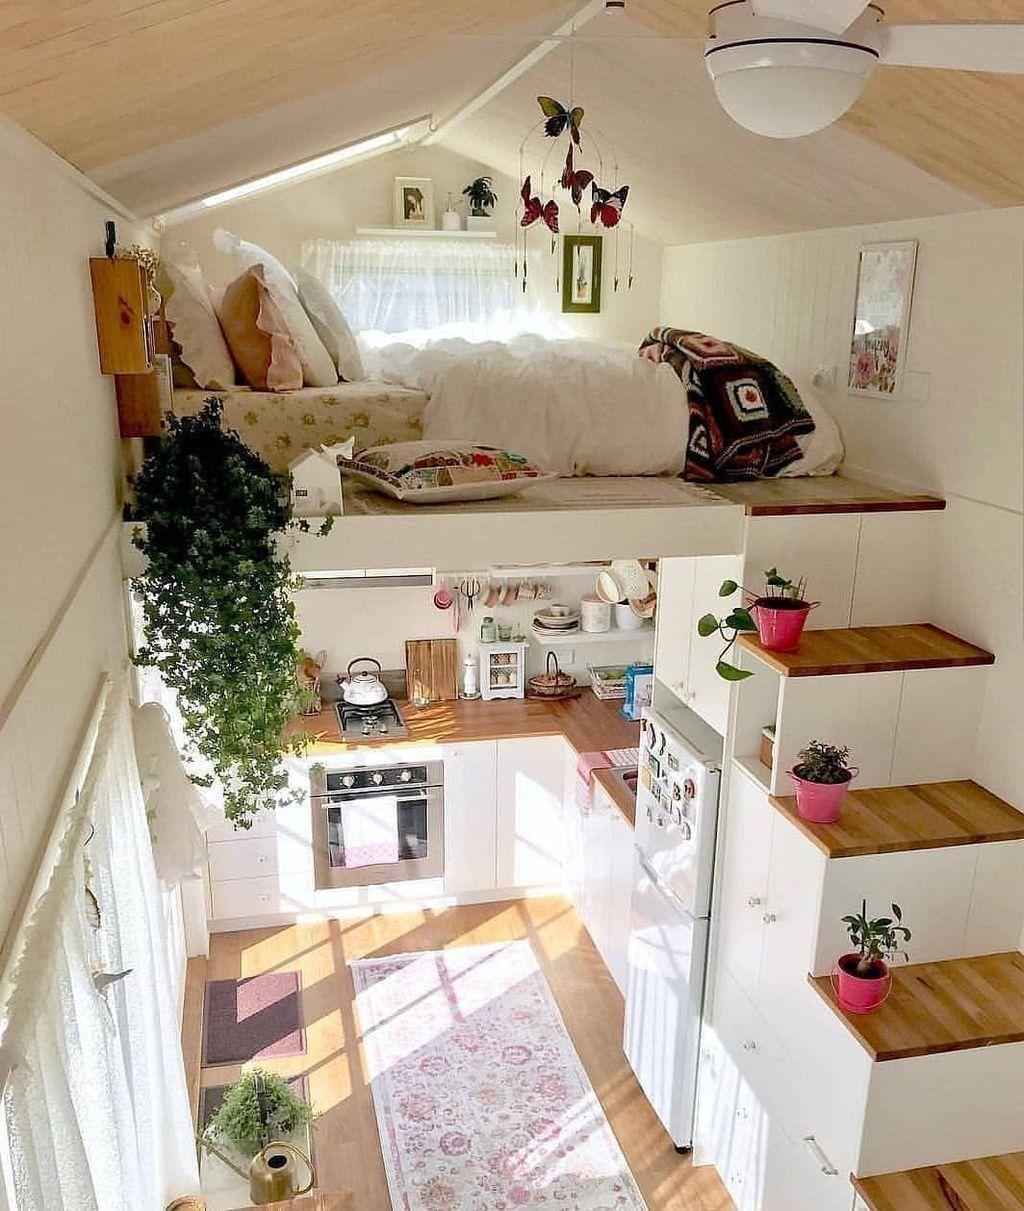 42 großartige kleine Hausideen  Deko Ideen Tiny House Living Room Deko großartige Hausideen Ideen kleine #decoratingsmalllivingroom